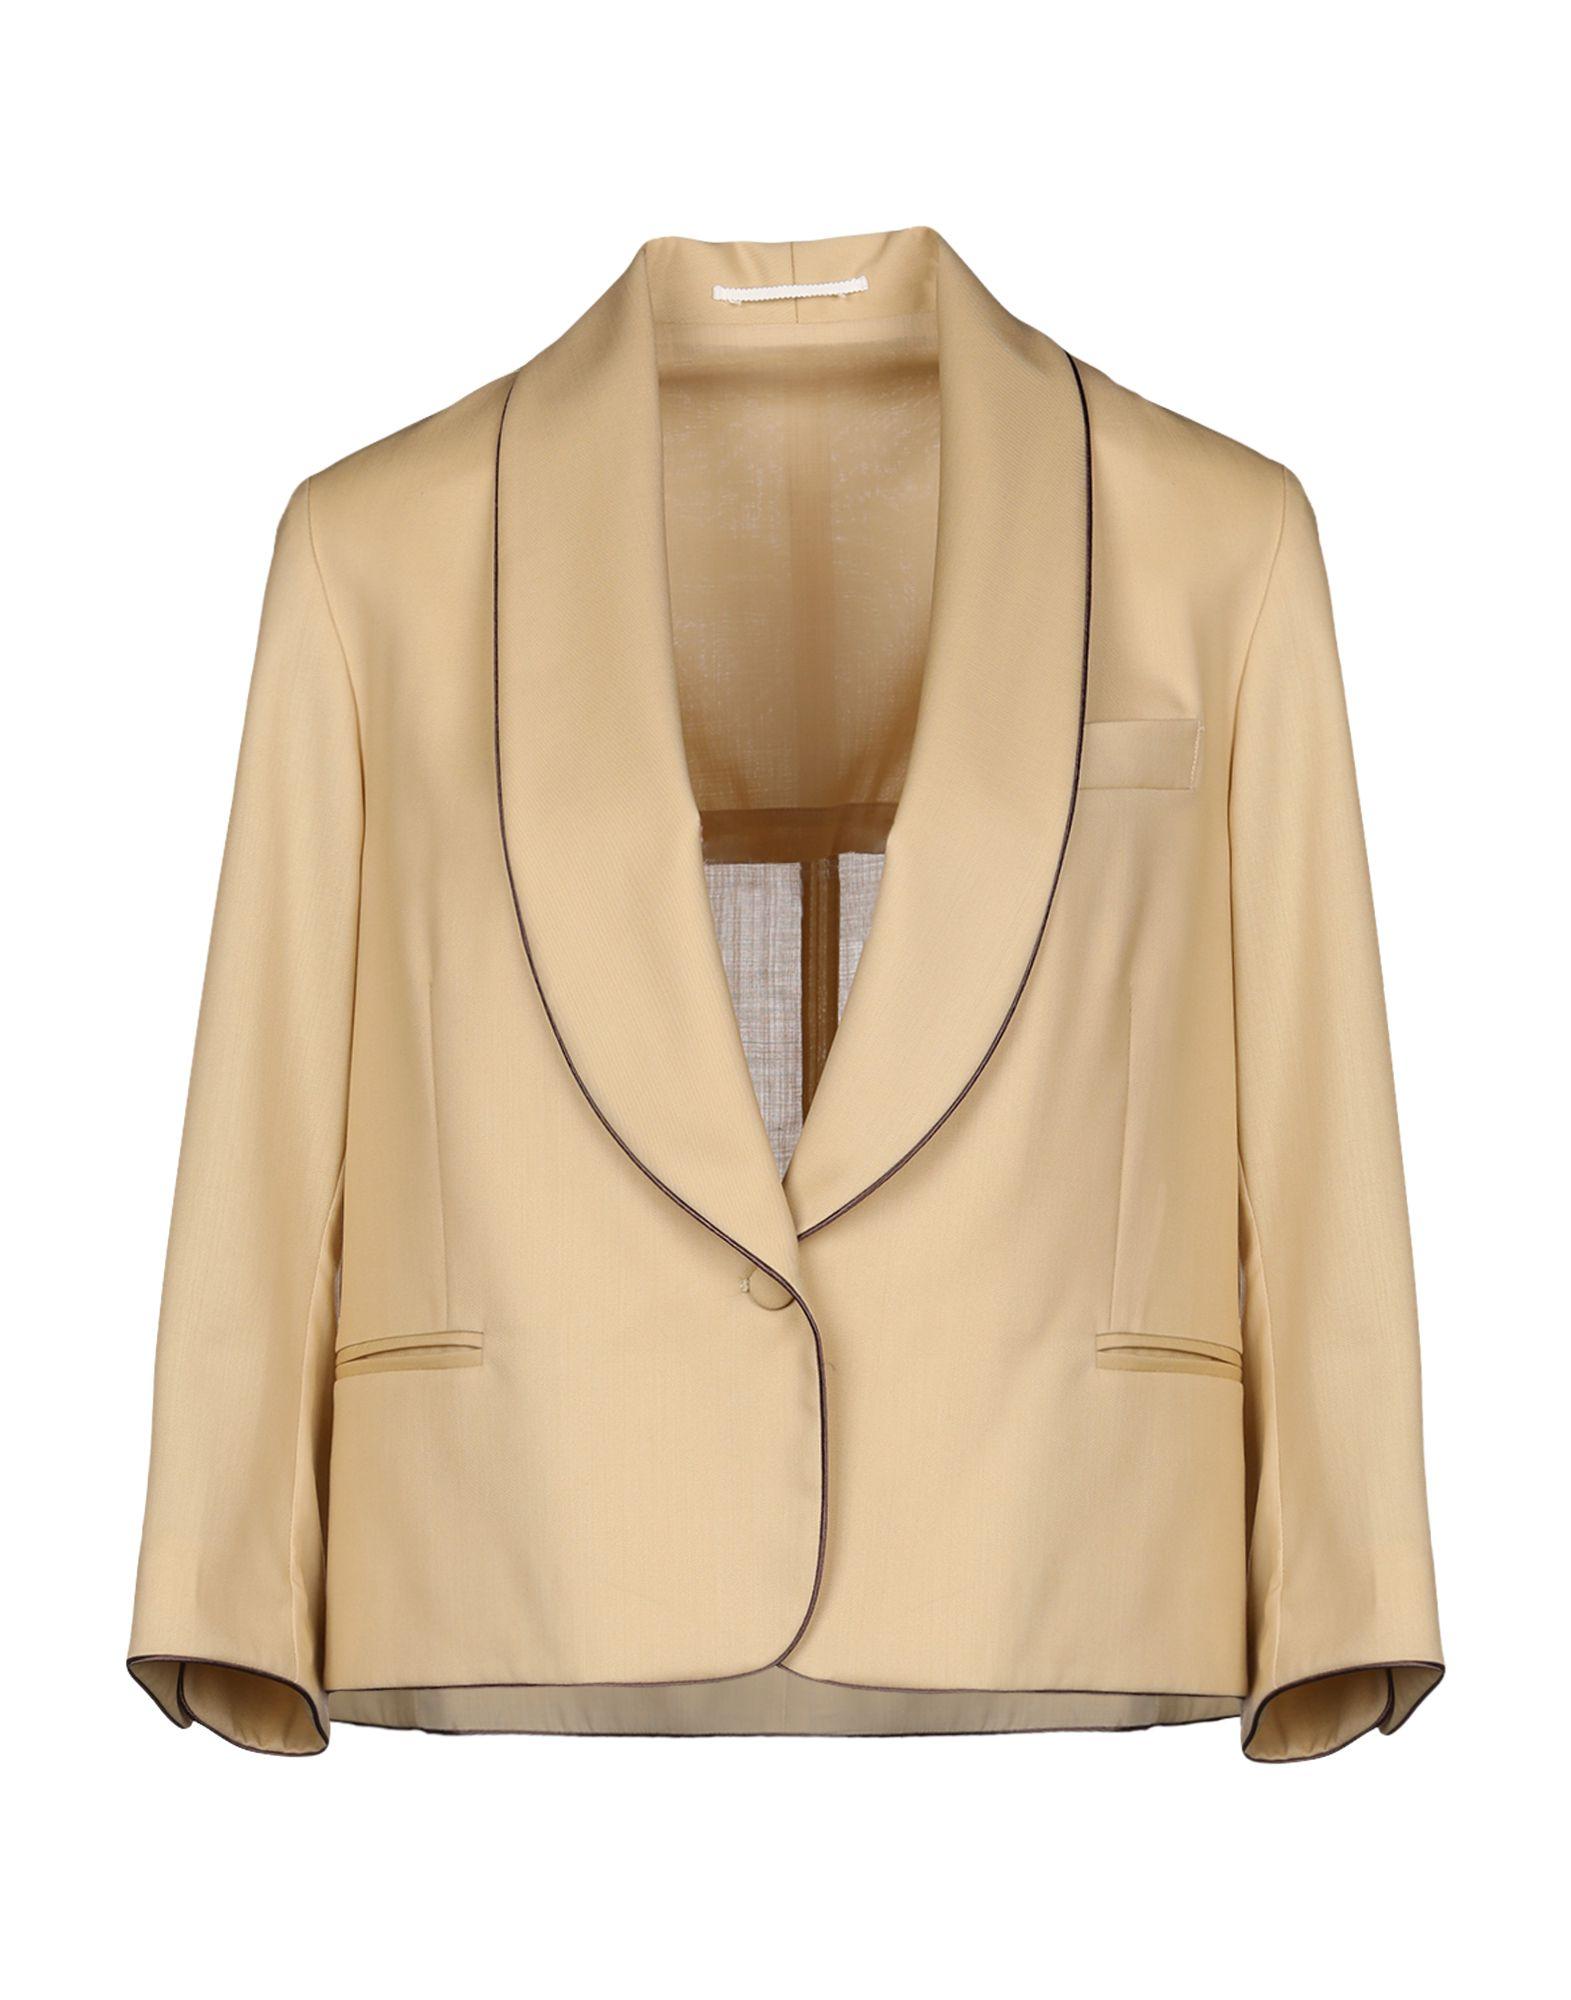 GOLDEN GOOSE DELUXE BRAND Пиджак golden goose deluxe brand шерстяной джемпер с логотипами